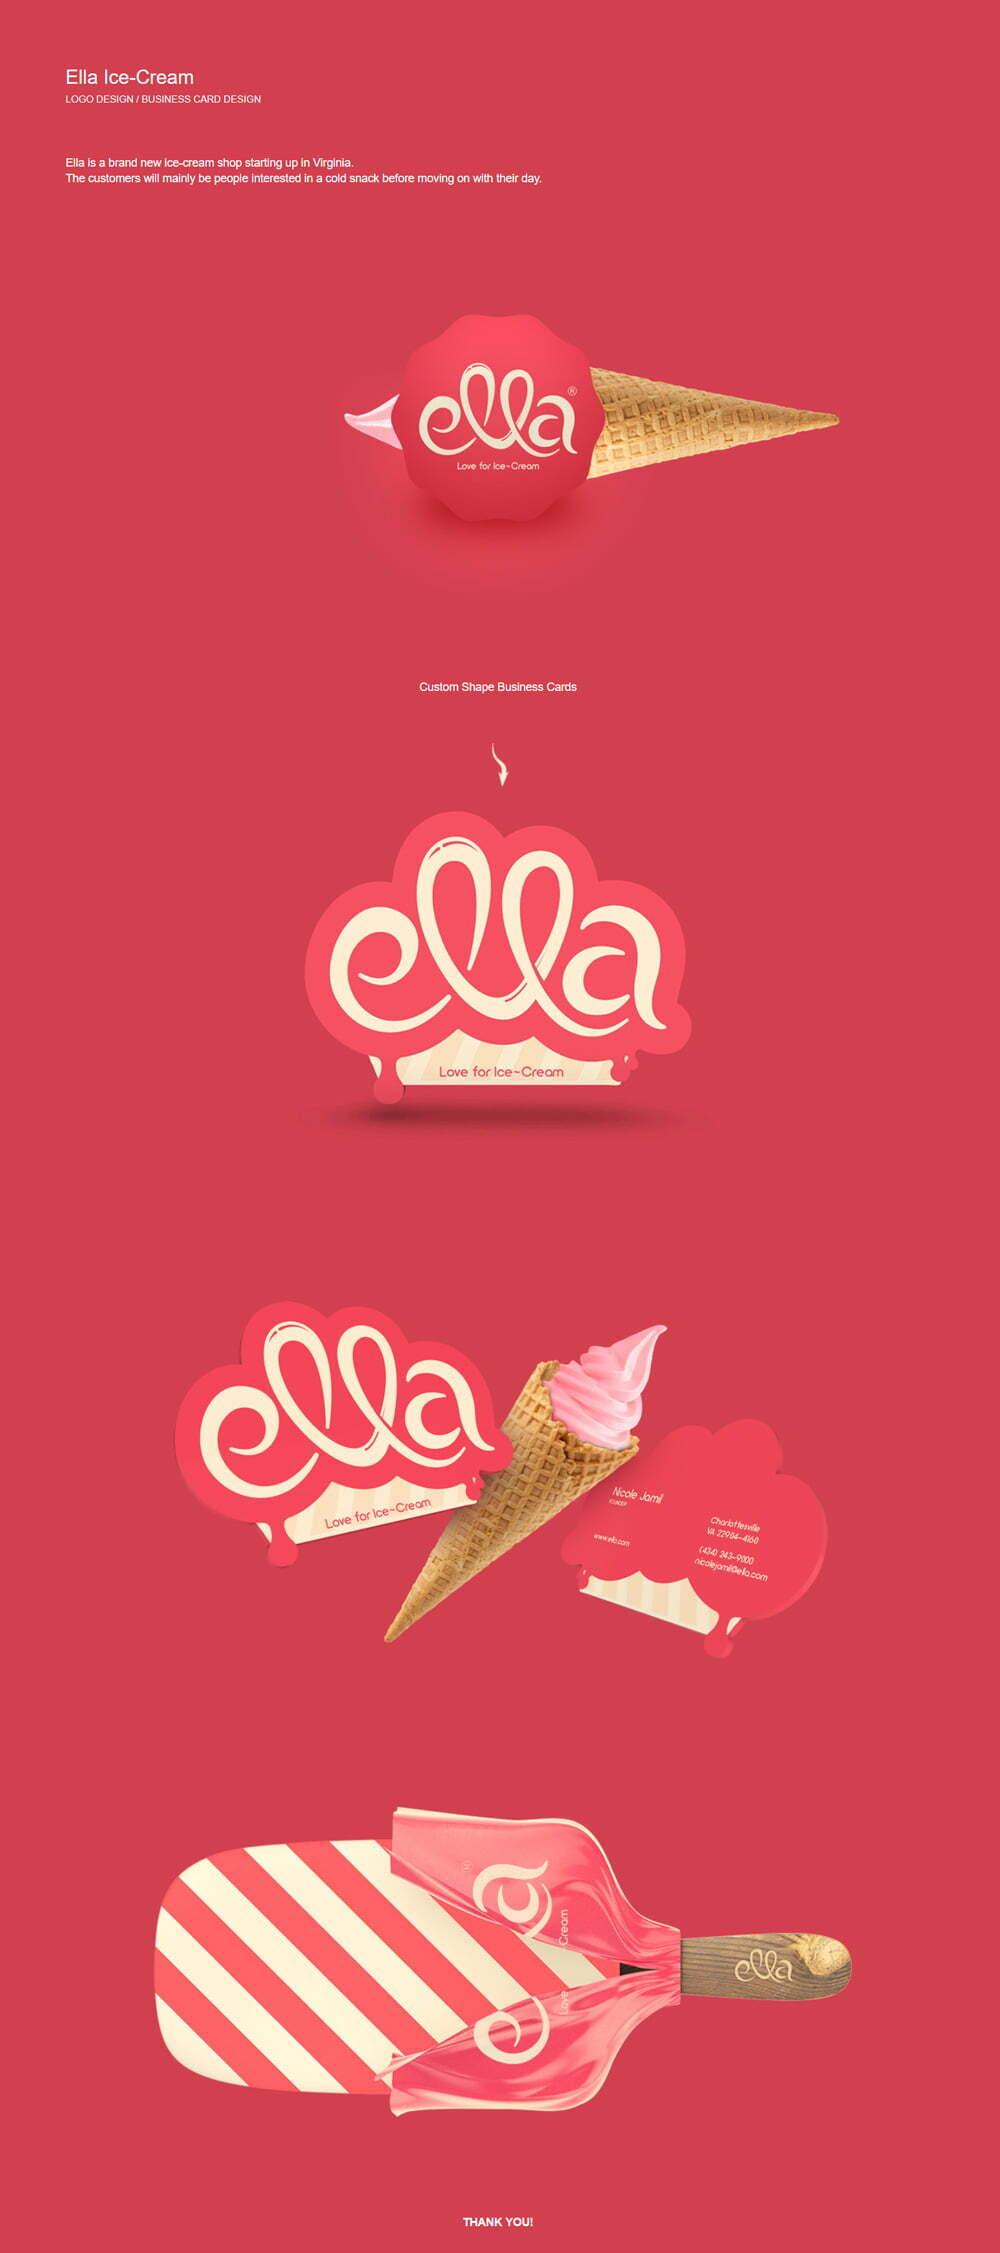 Ella Ice Cream